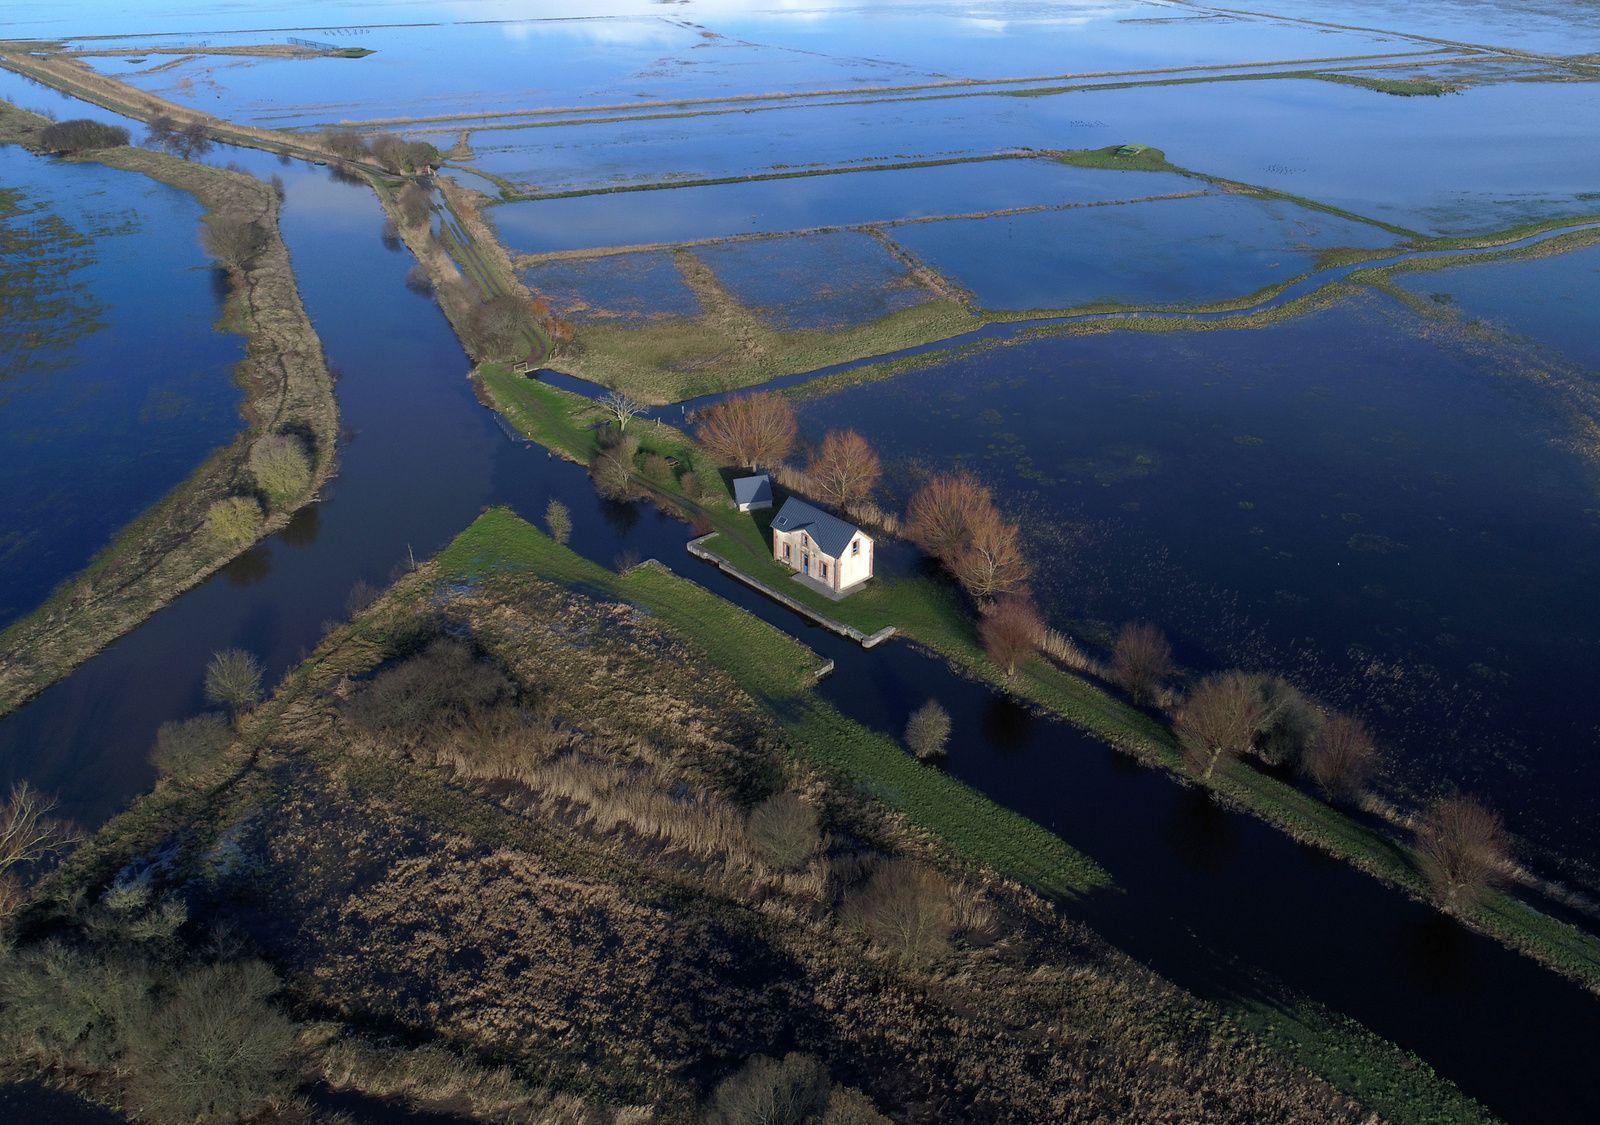 Ancienne maison d'éclusier au coeur des marais de Carentan. Photo aérienne François Monier, décembre 2017